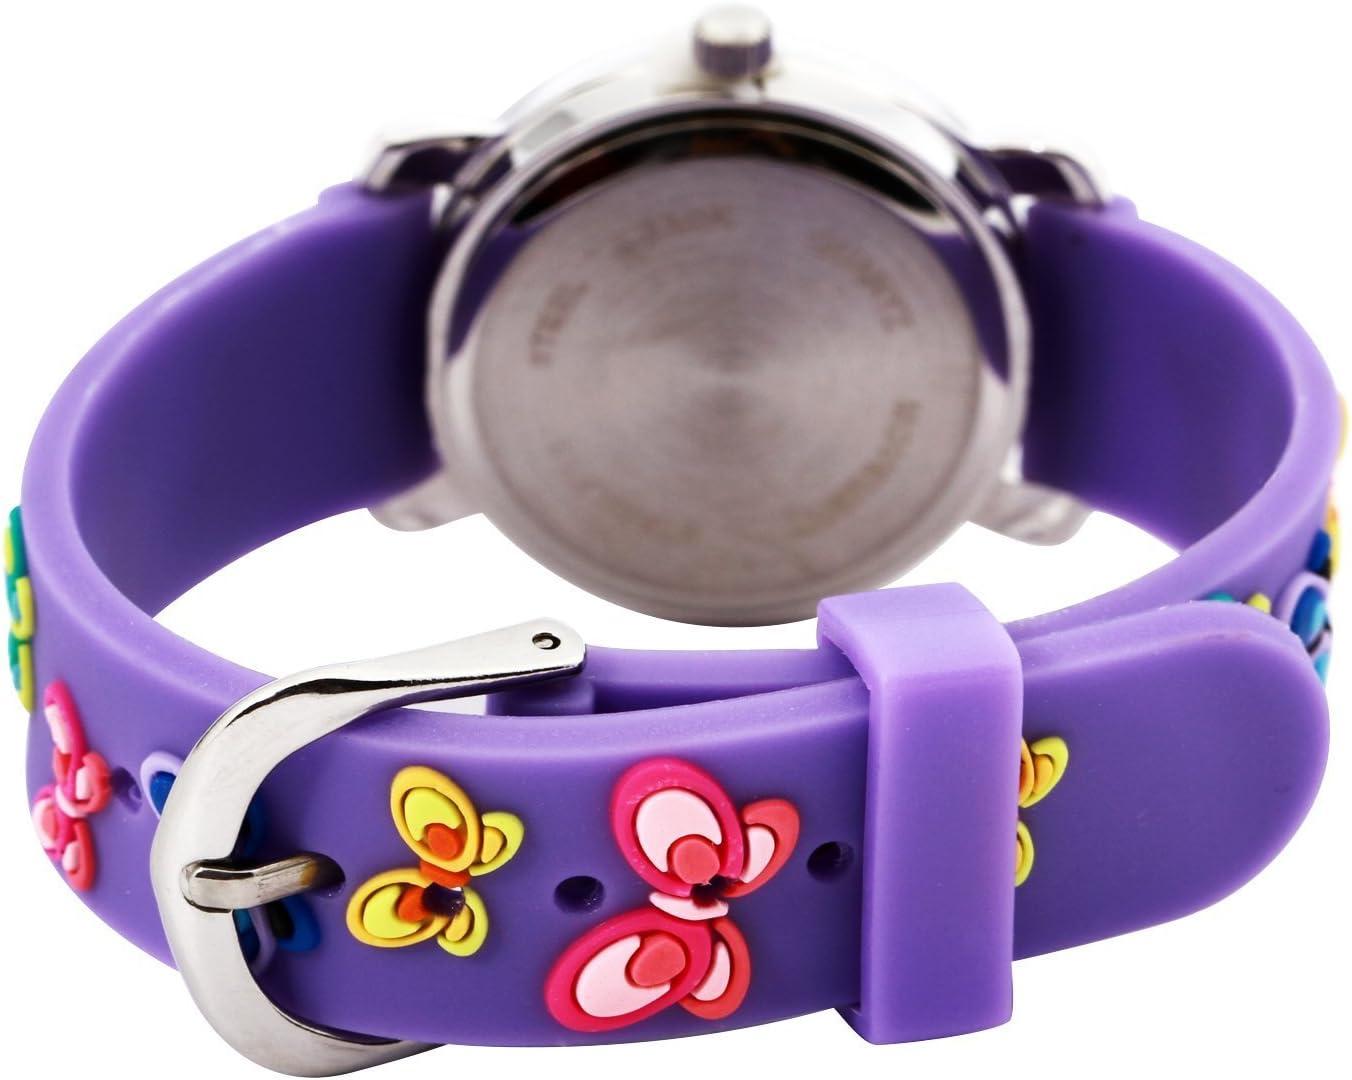 3D Cute Cartoon Quartz Montre Montres Bracelets avec Silicone Bande Professeur de Temps comme Cadeau pour Les Petites Filles garçon Enfants Enfants - Dinosaures jurassiques Rouges … Papillon Violet